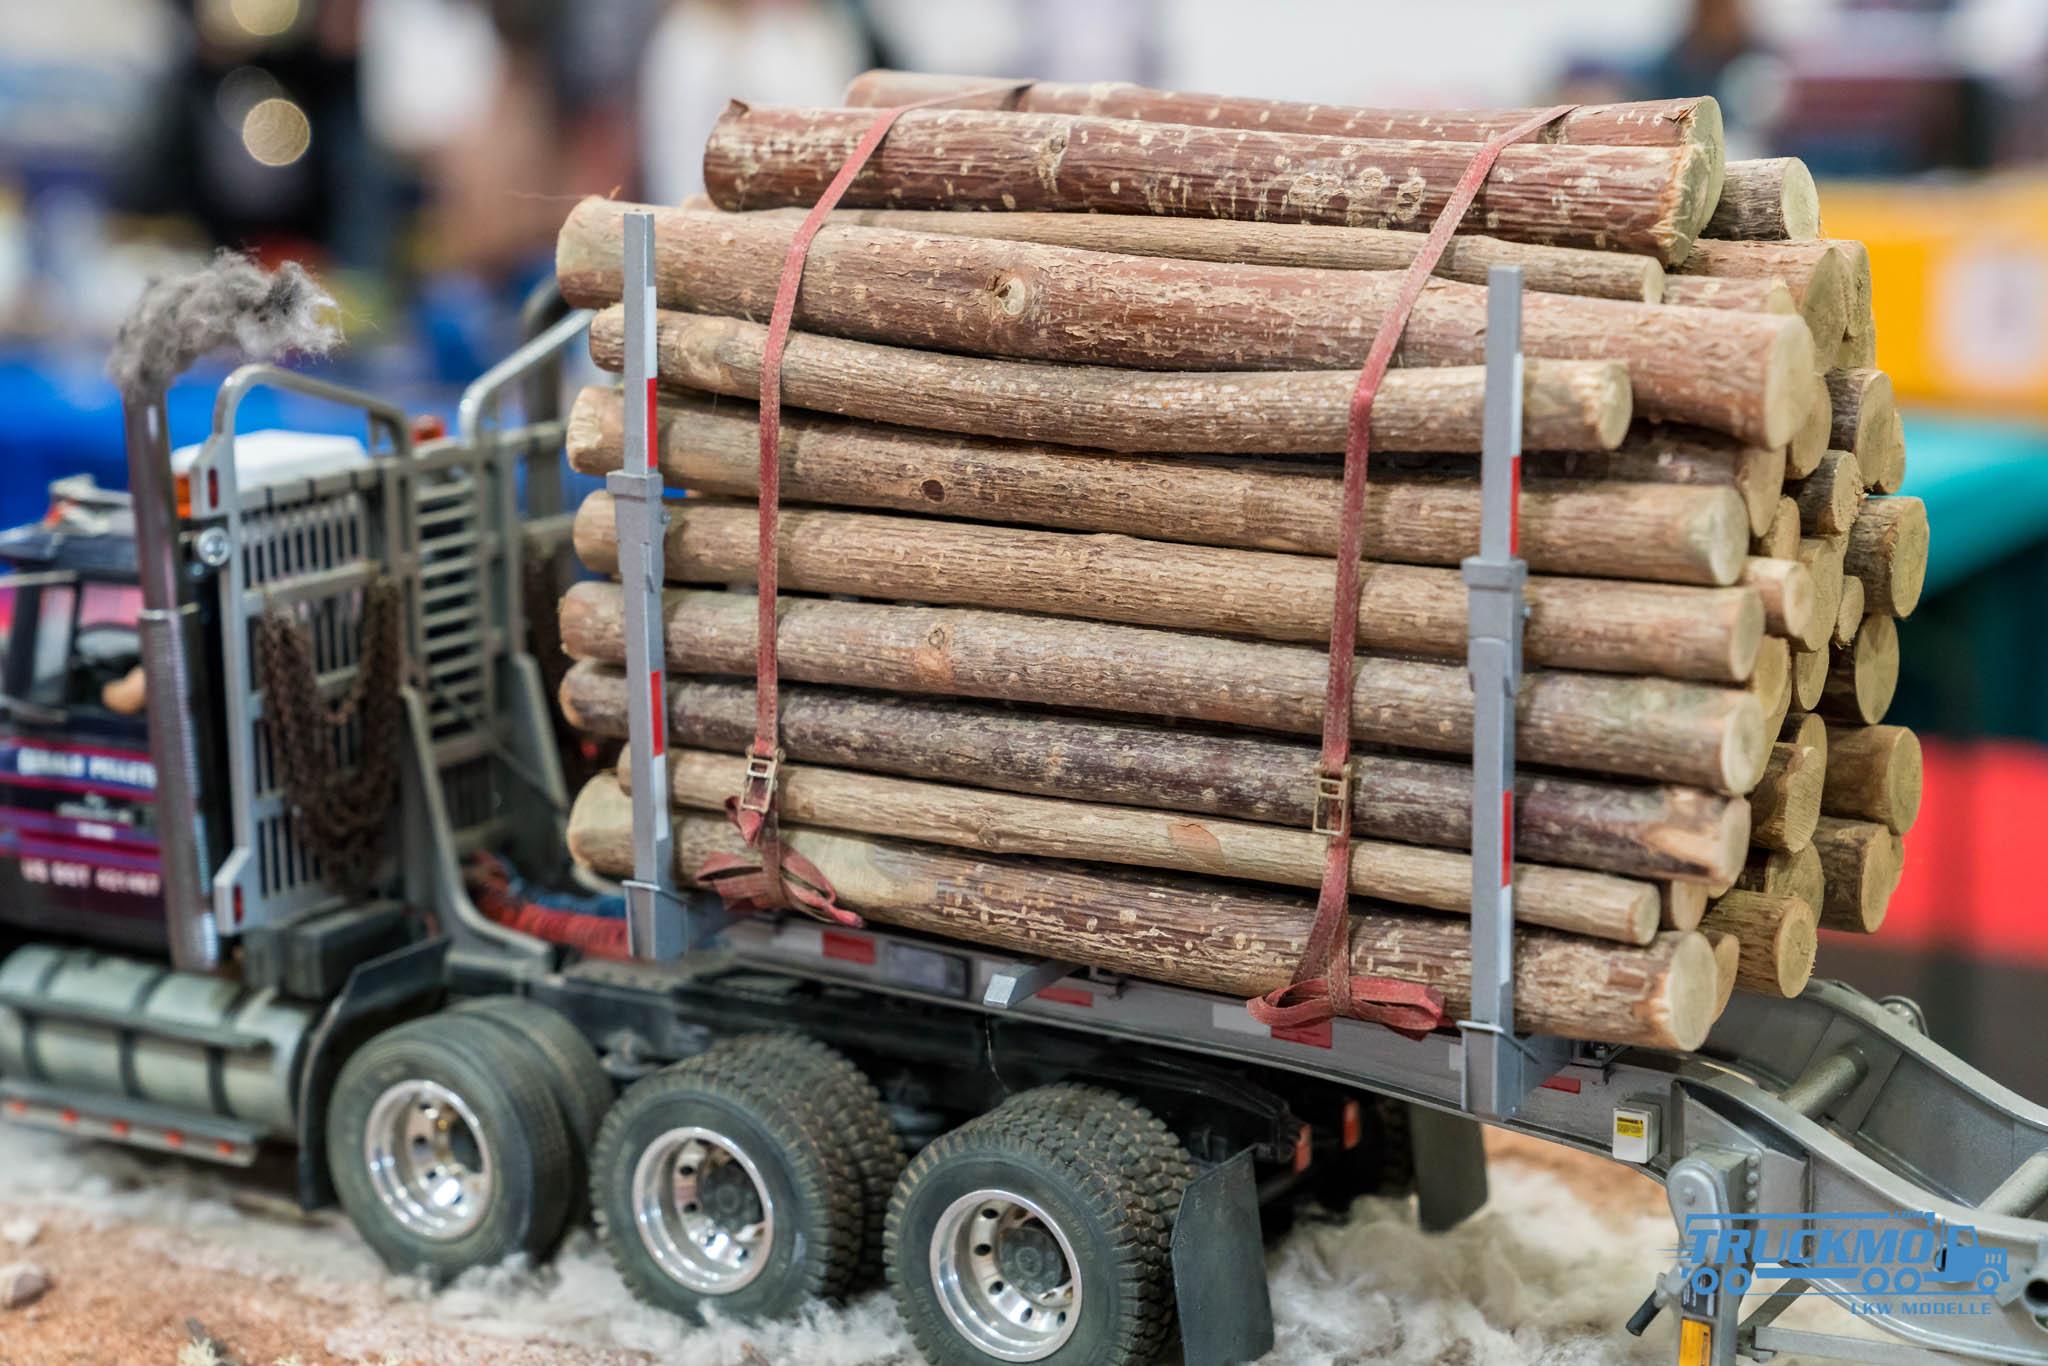 Truckmo_Modellbau_Ried_2017_Herpa_Messe_Modellbauausstellung (397 von 1177)